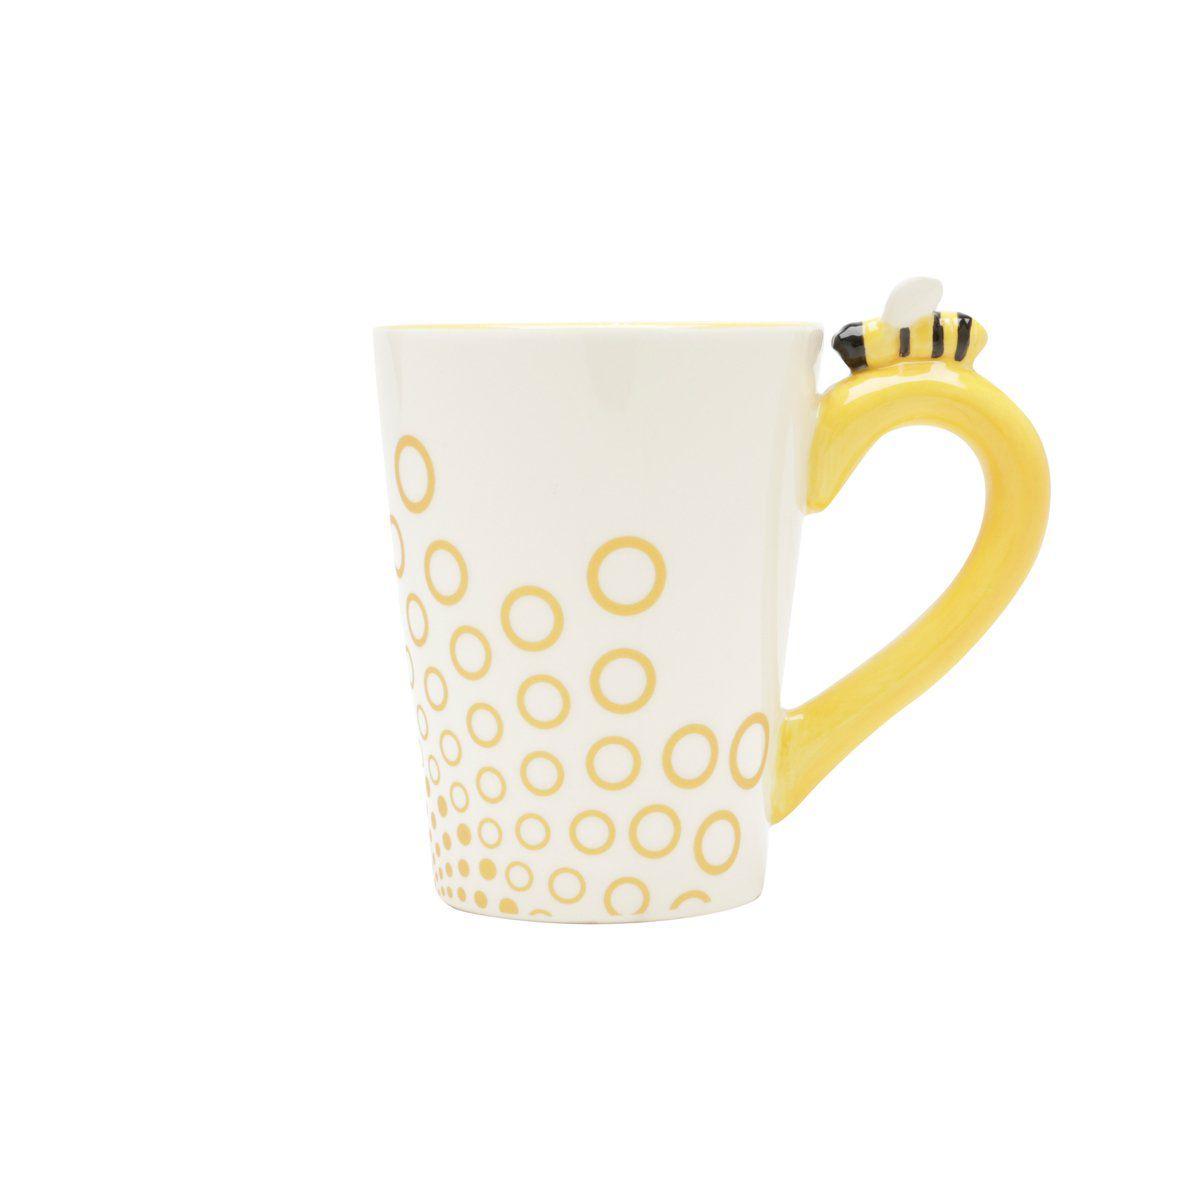 Caneca 350ml de cerâmica branca e amarela Abelha Lyor - L64023